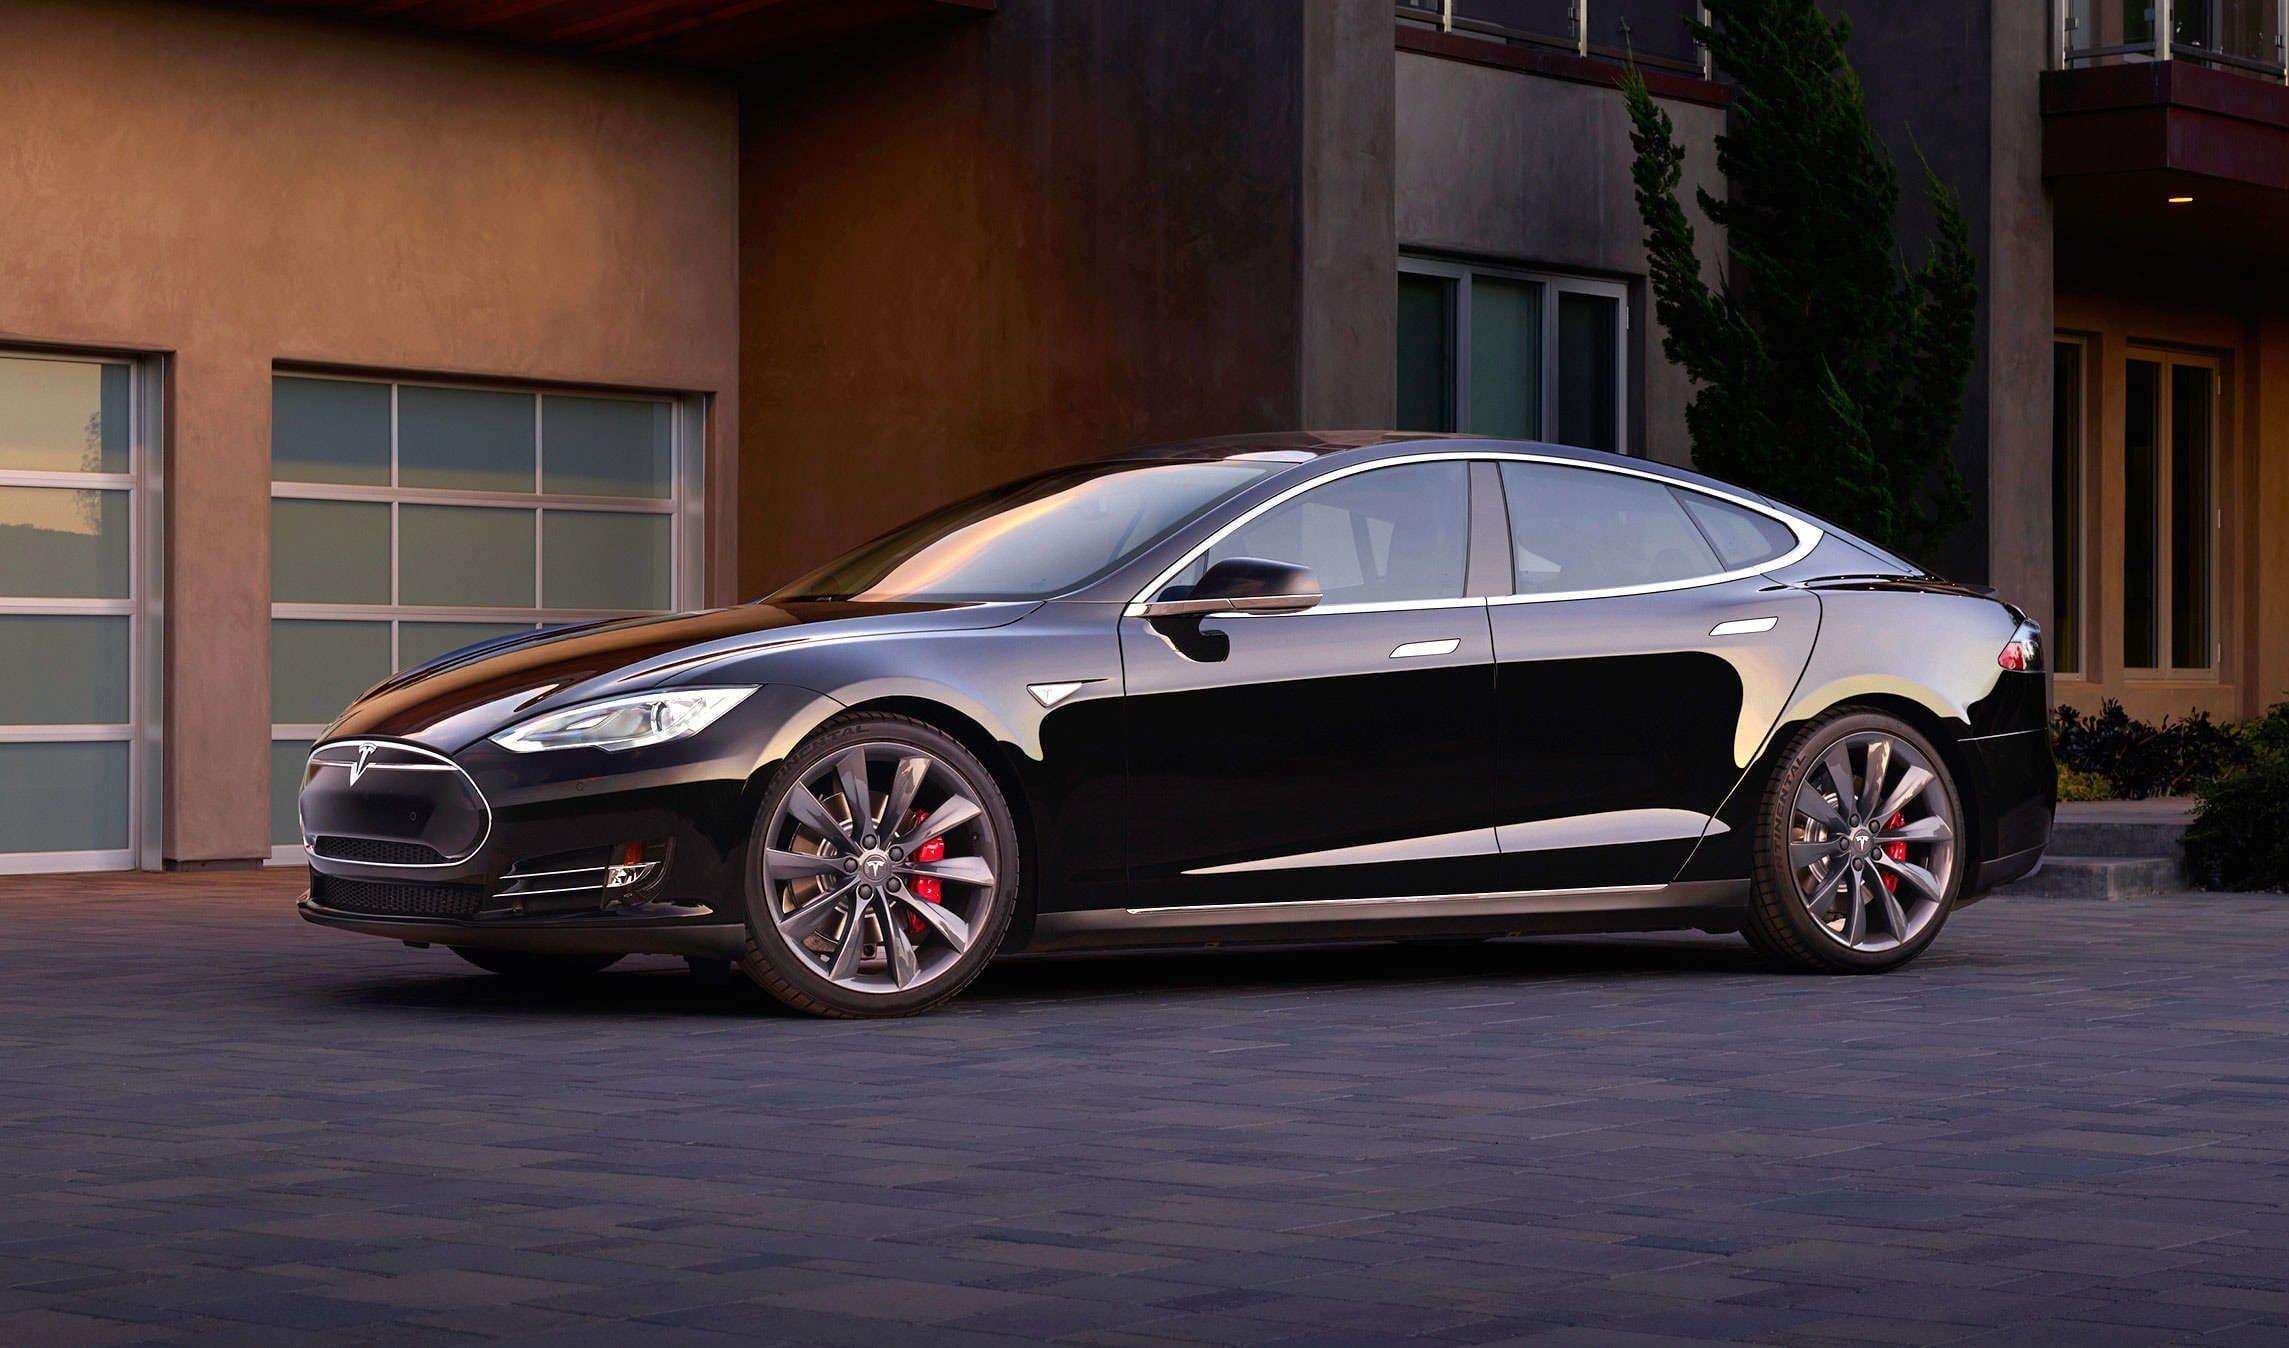 車輪がついたスマホ、Tesla Model Sから見るコネクティッドカーの未来